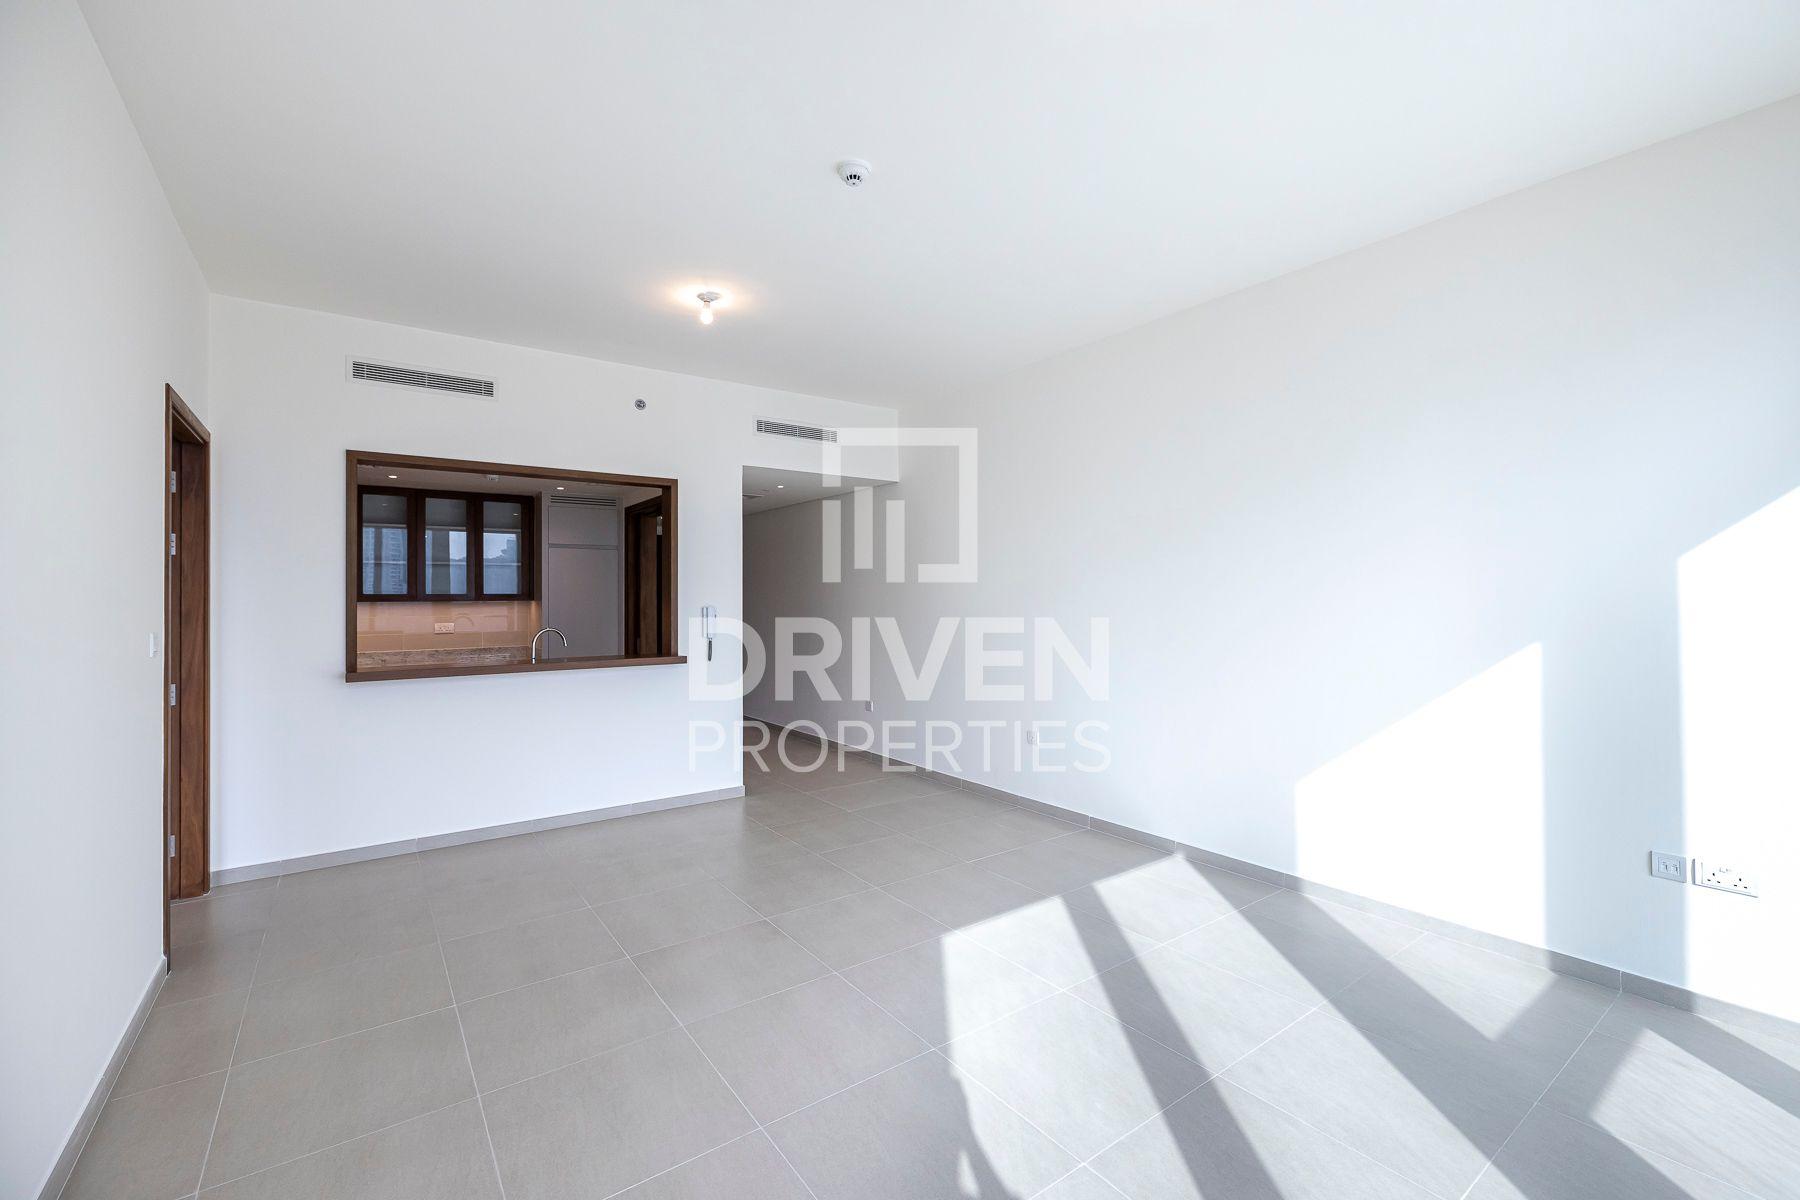 878 قدم مربع  شقة - للبيع - دبي وسط المدينة